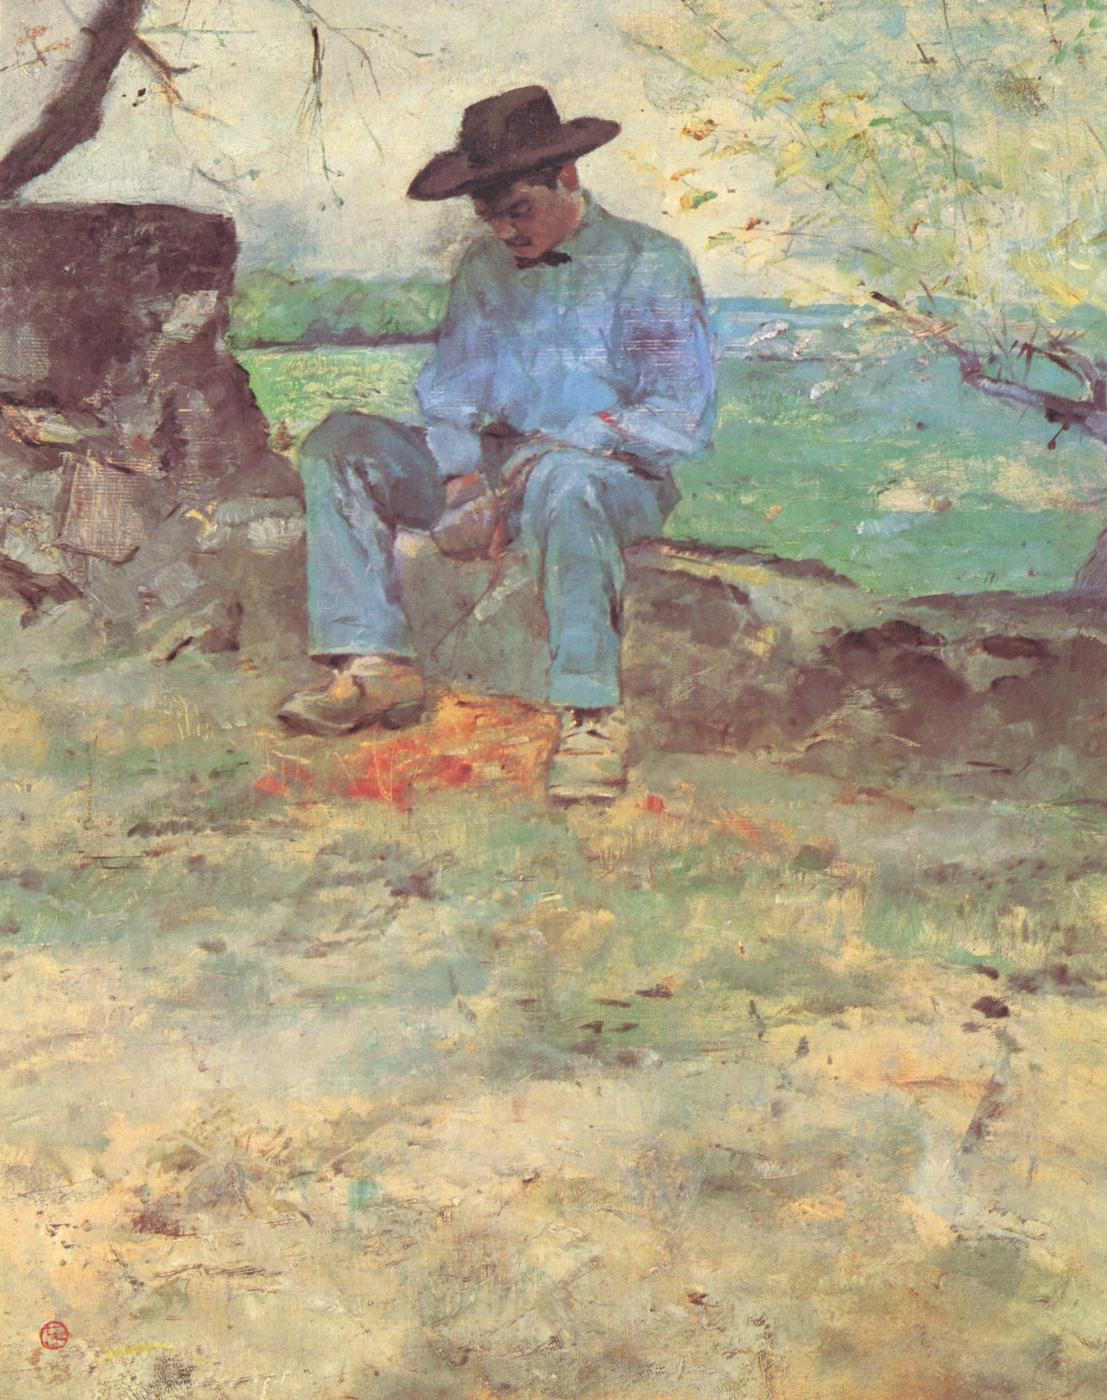 Henri de Toulouse-Lautrec. Young Roti Celerain